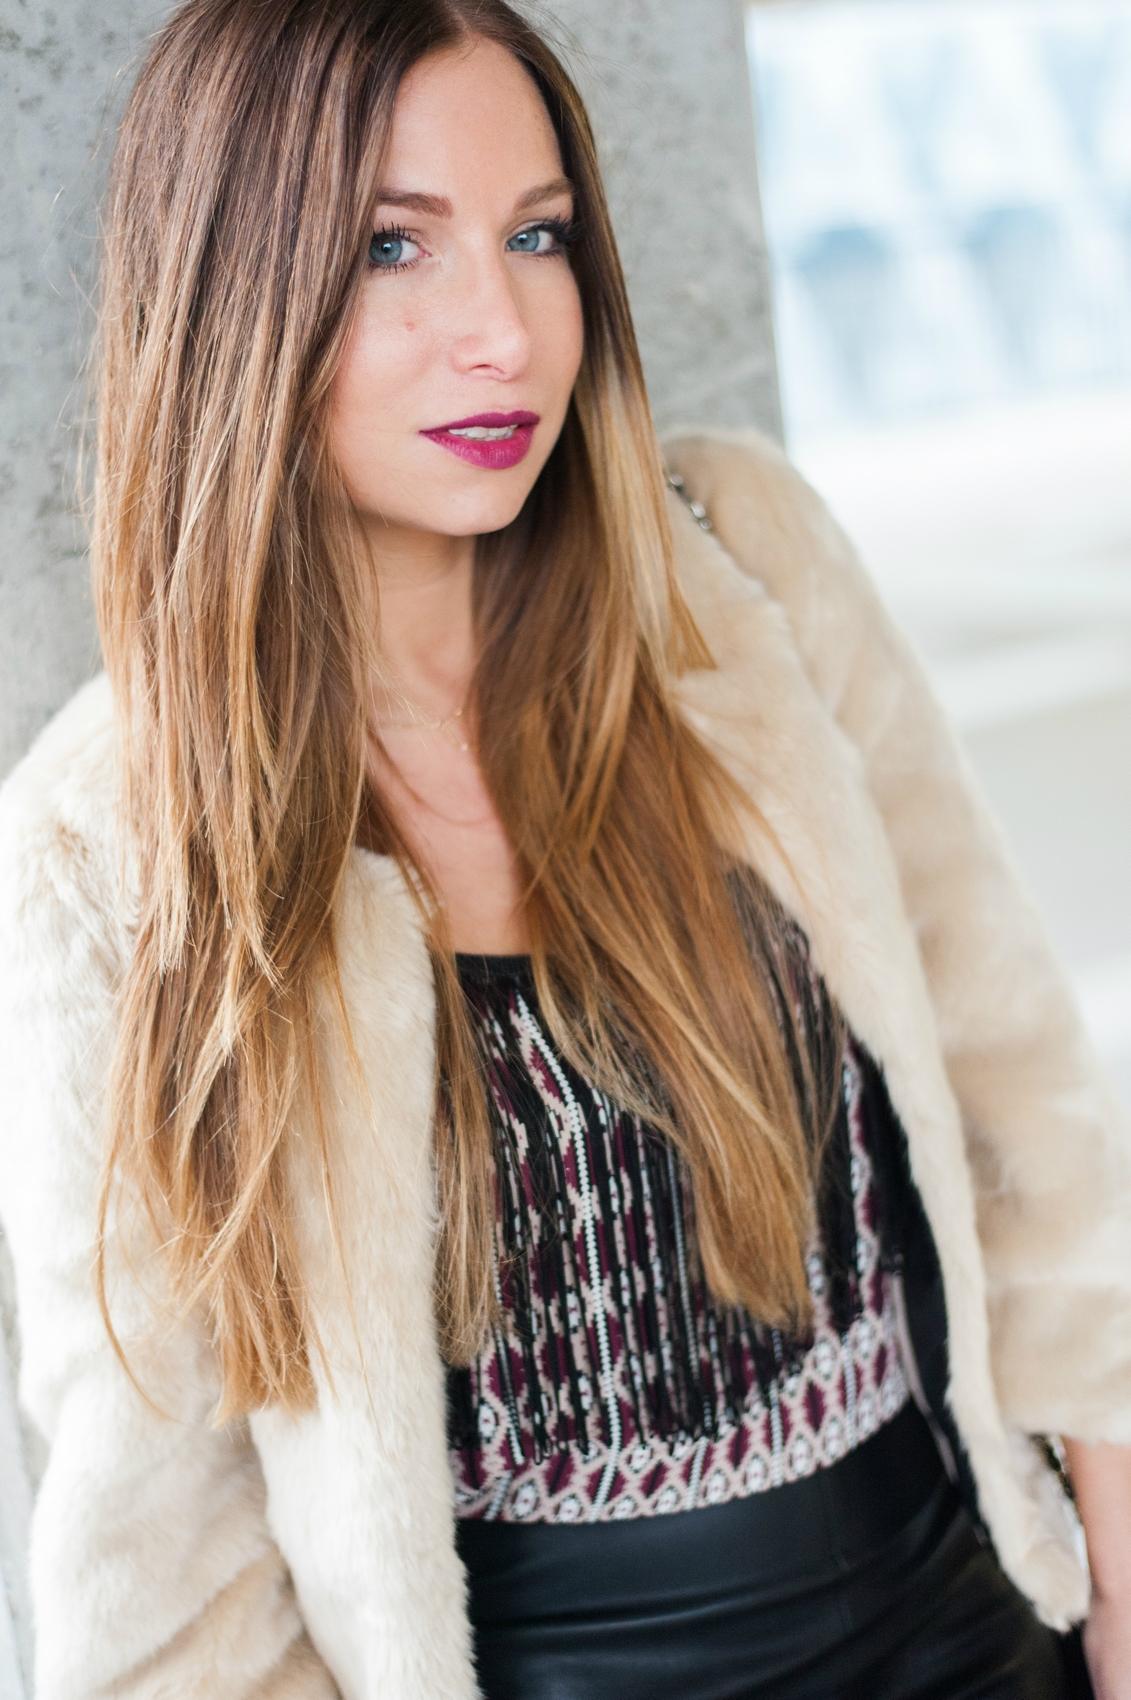 style boho fashion blog chery sephora lipstick